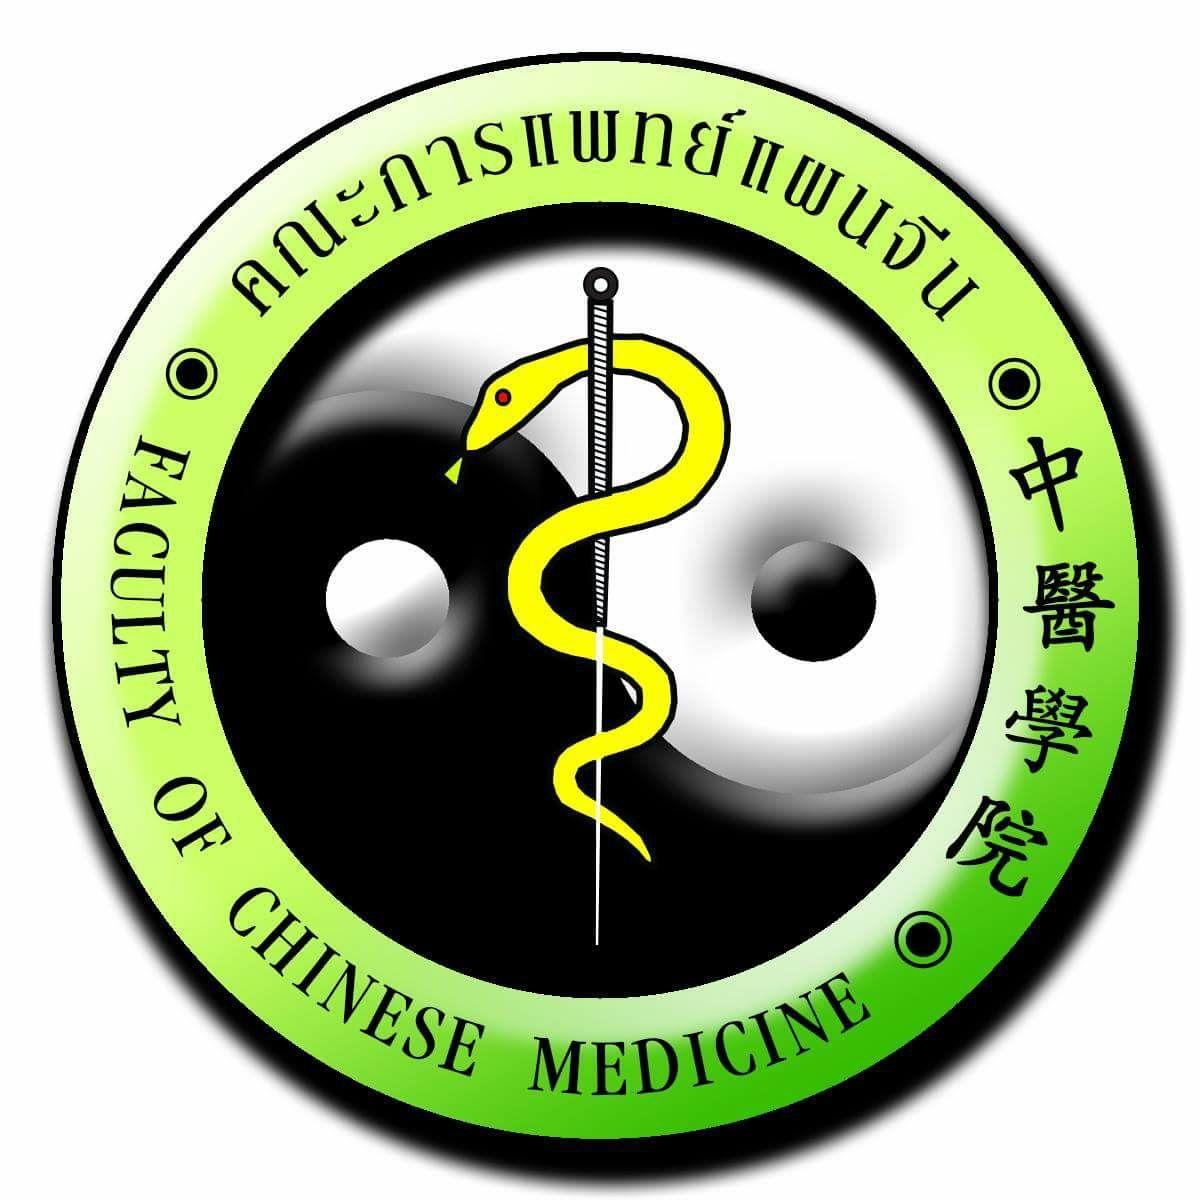 เรียนแพทย์แผนจีน เสาร์อาทิตย์